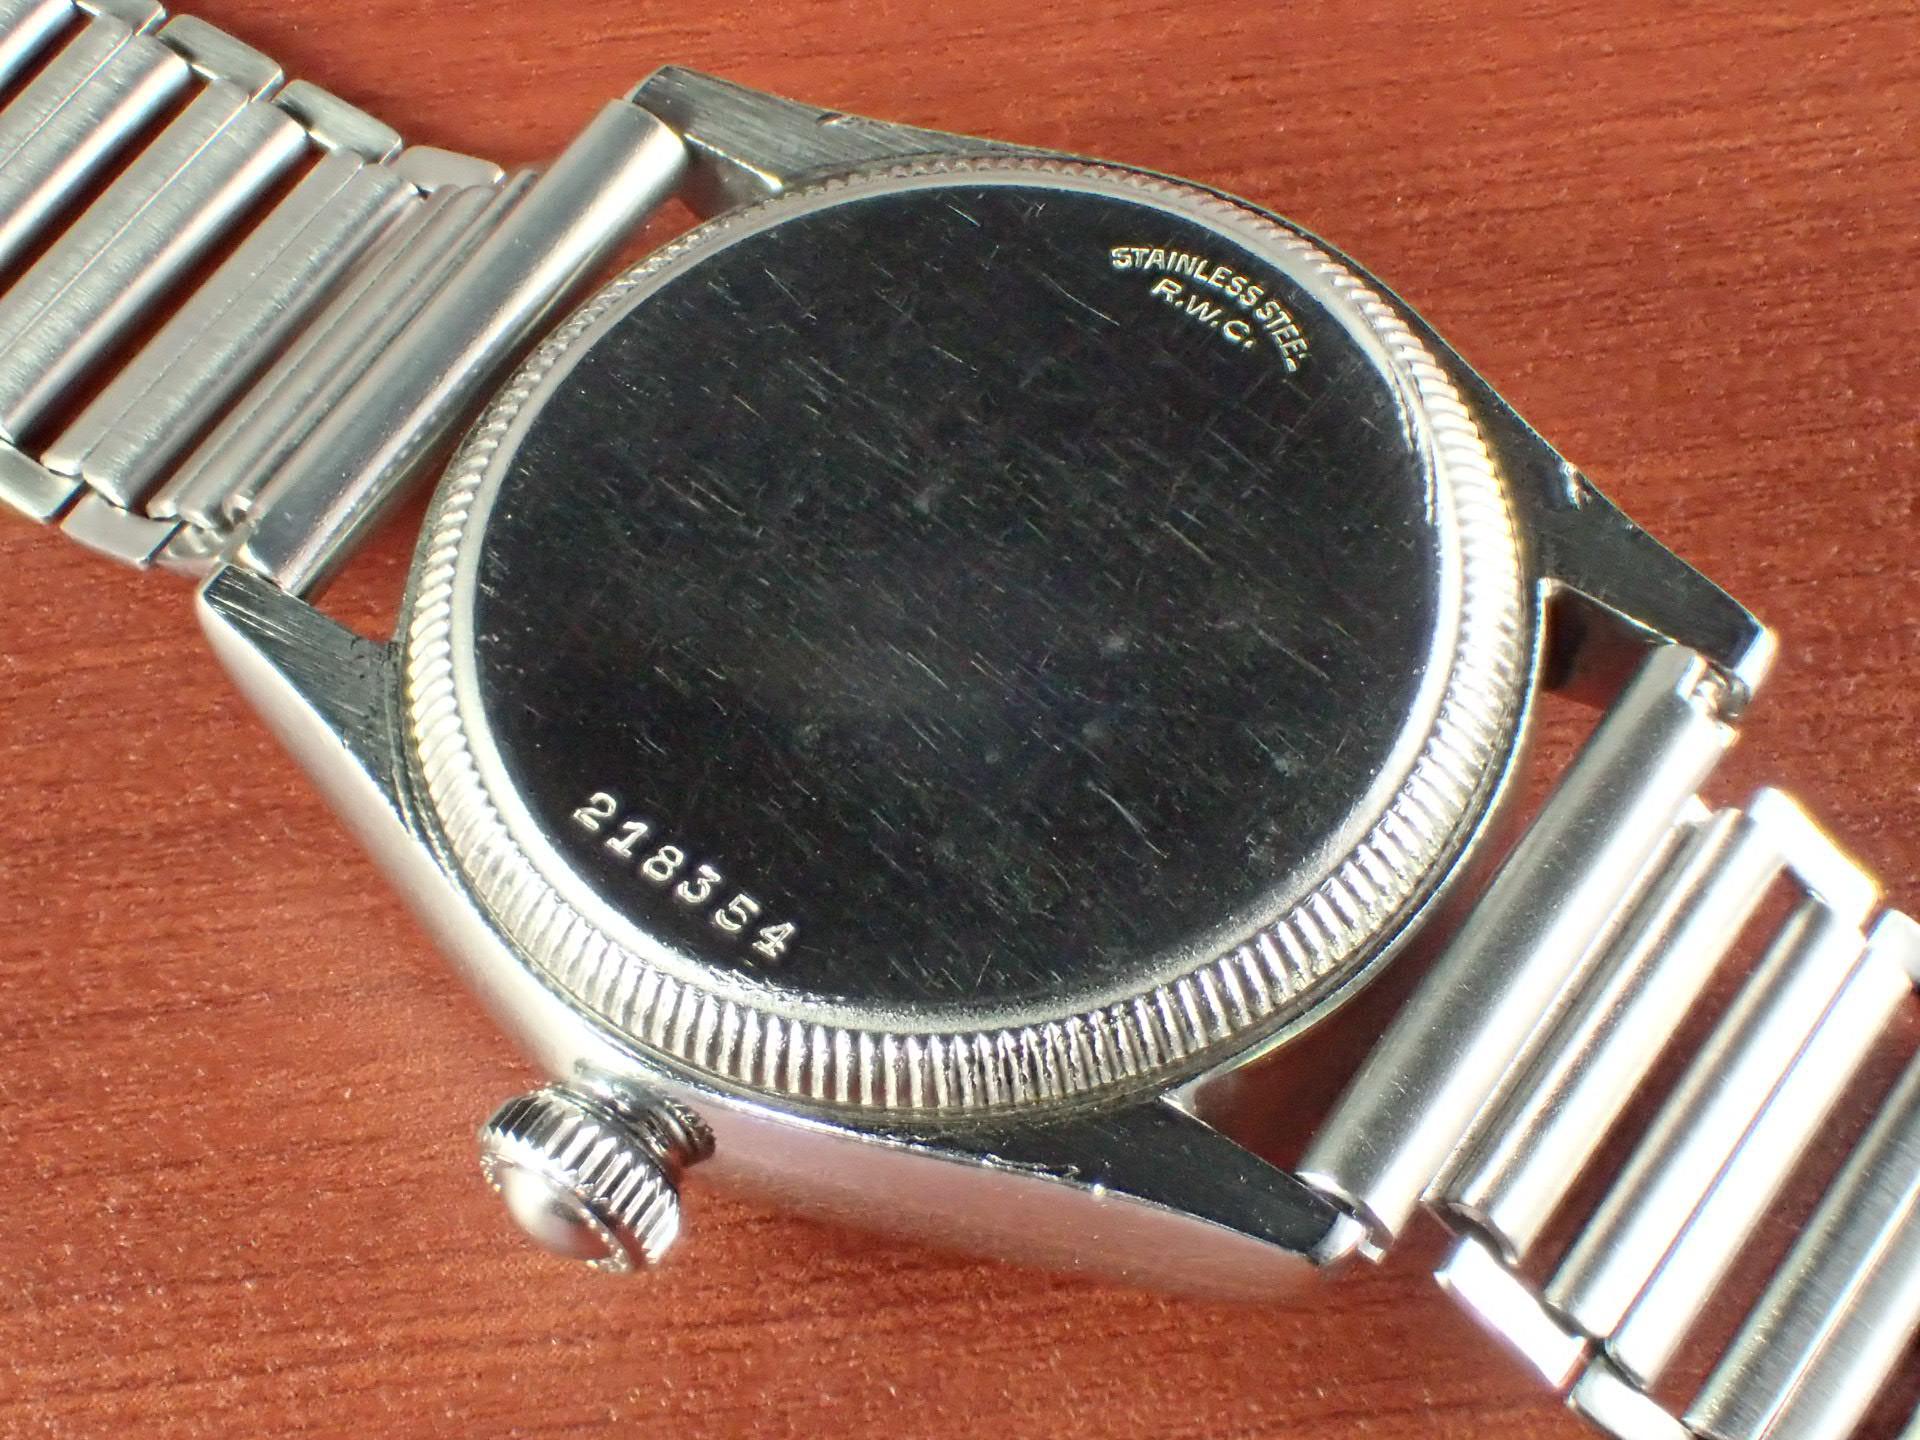 ロレックス オイスター ローヤライト 2トーンダイアル Ref.2280 1940年代の写真4枚目